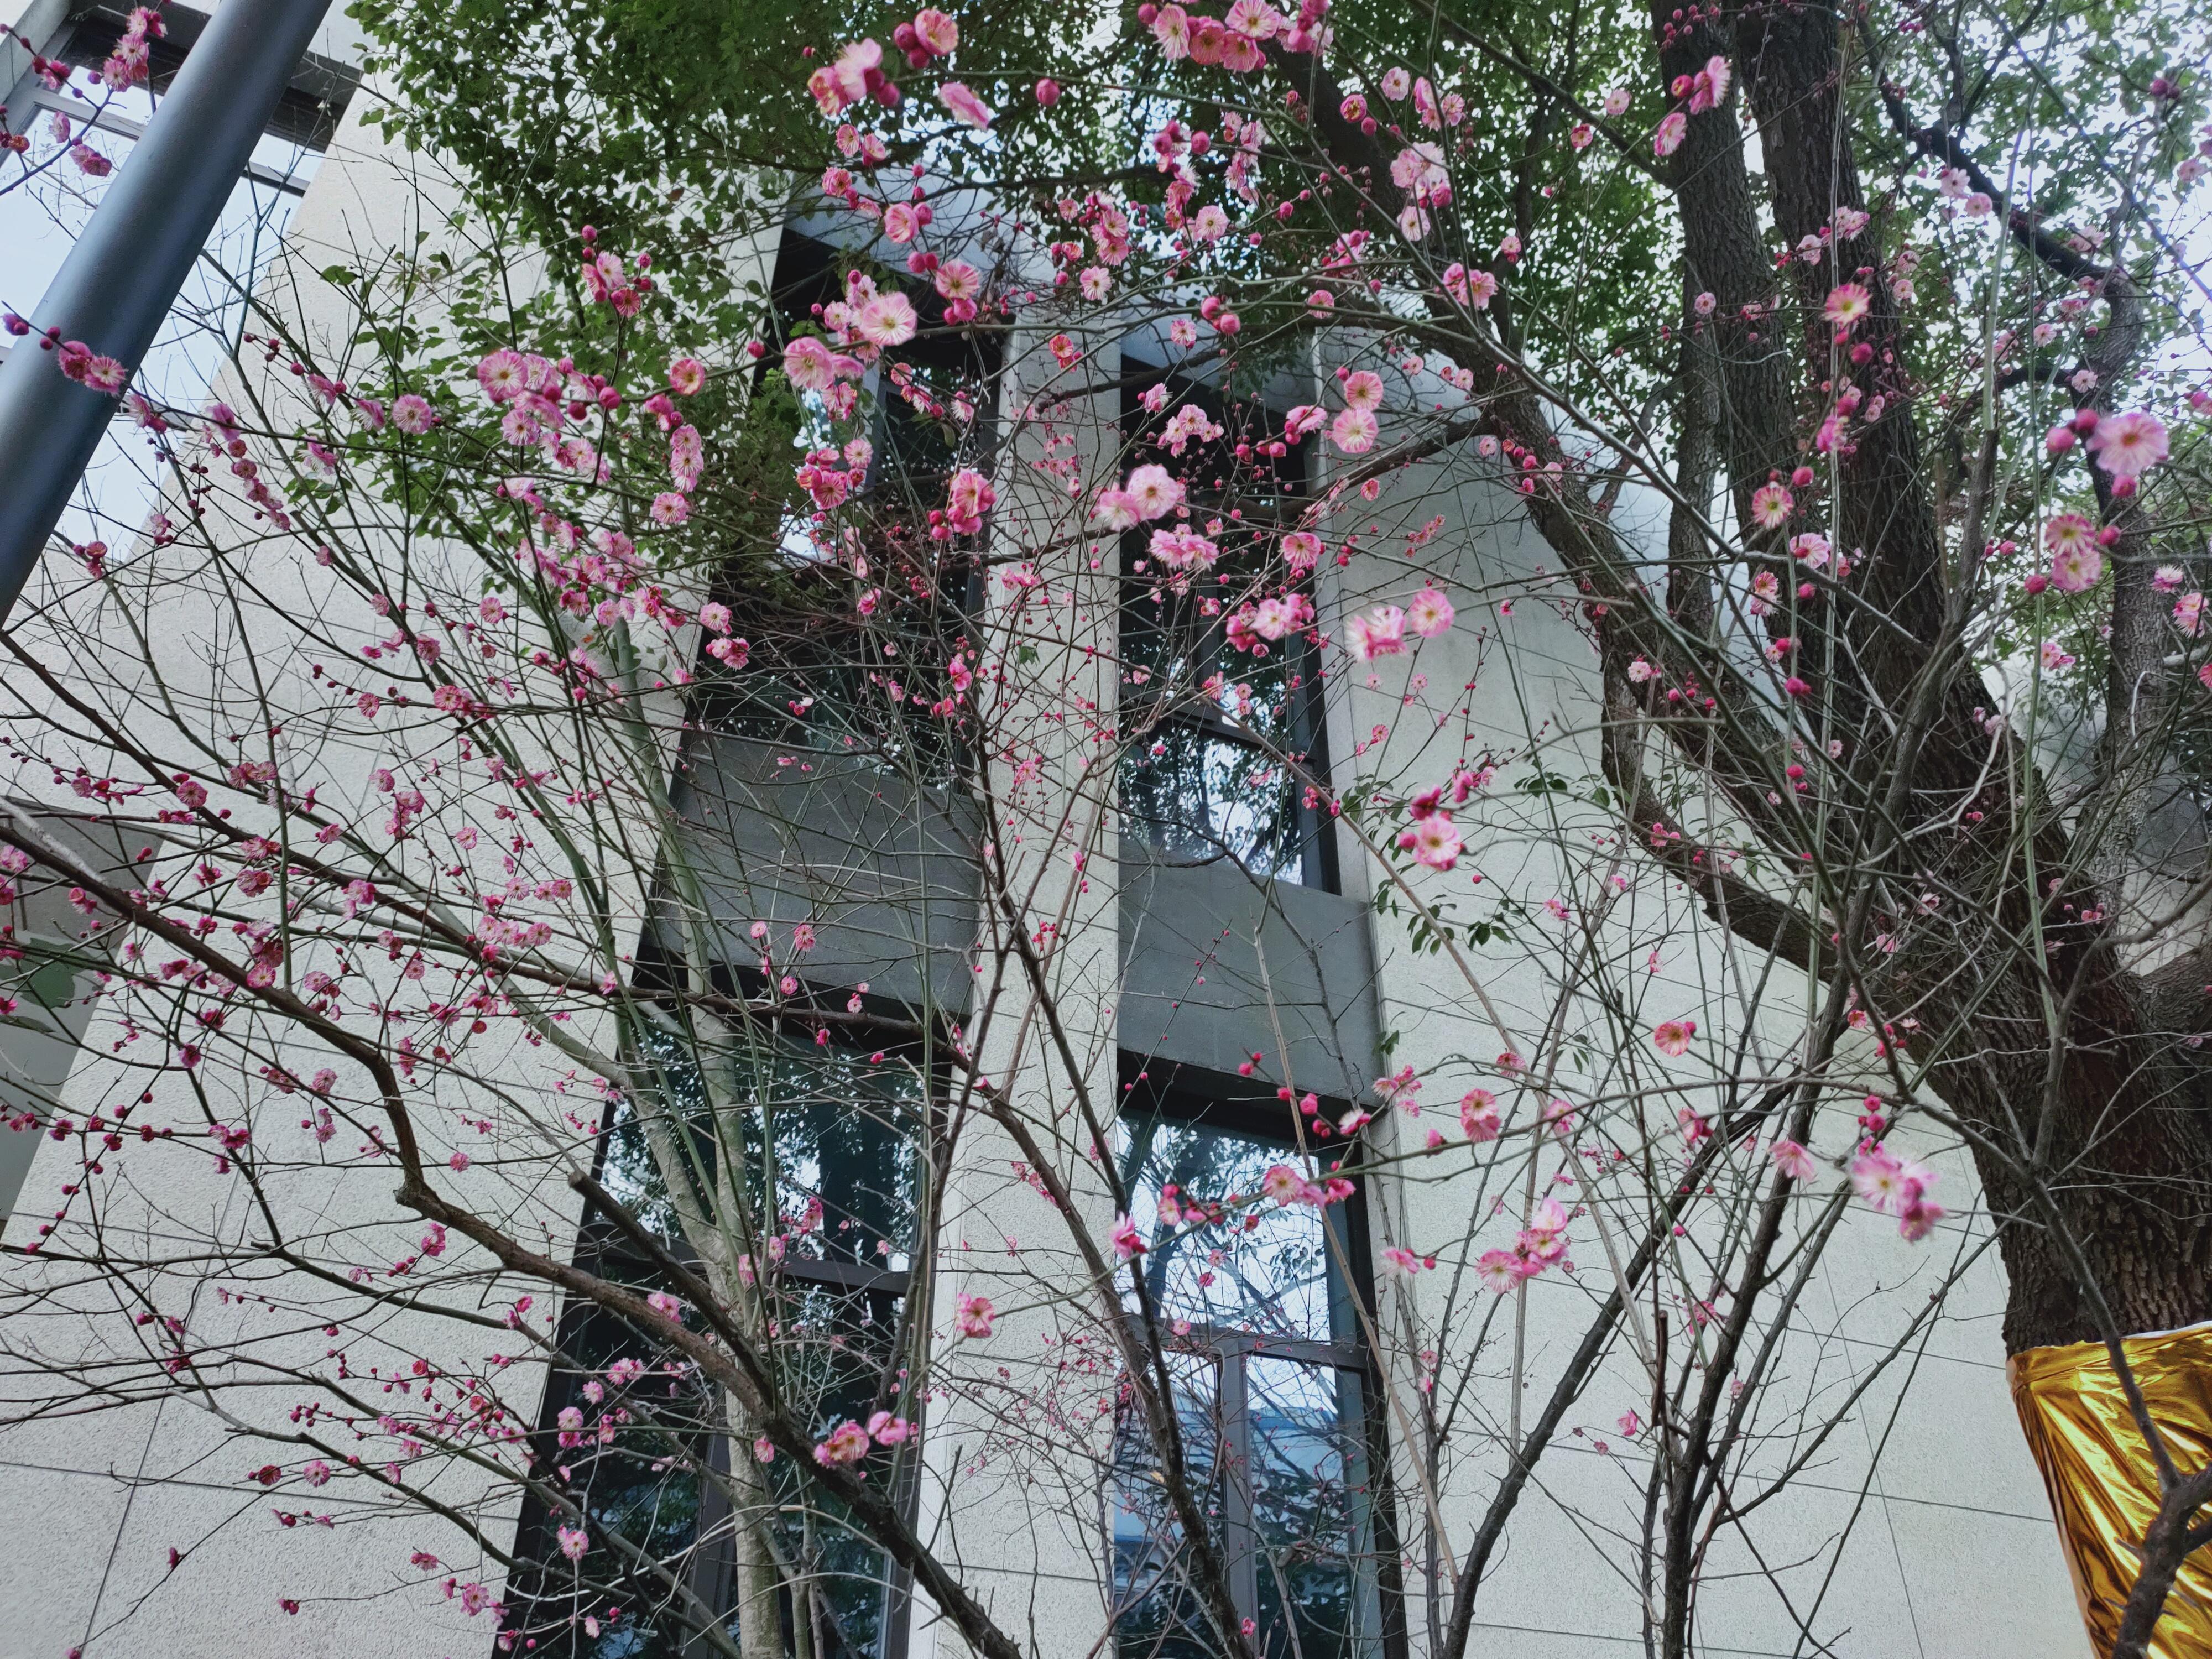 赵秀池:长租公寓健康持续发展还需科学规划 并制定一系列政策